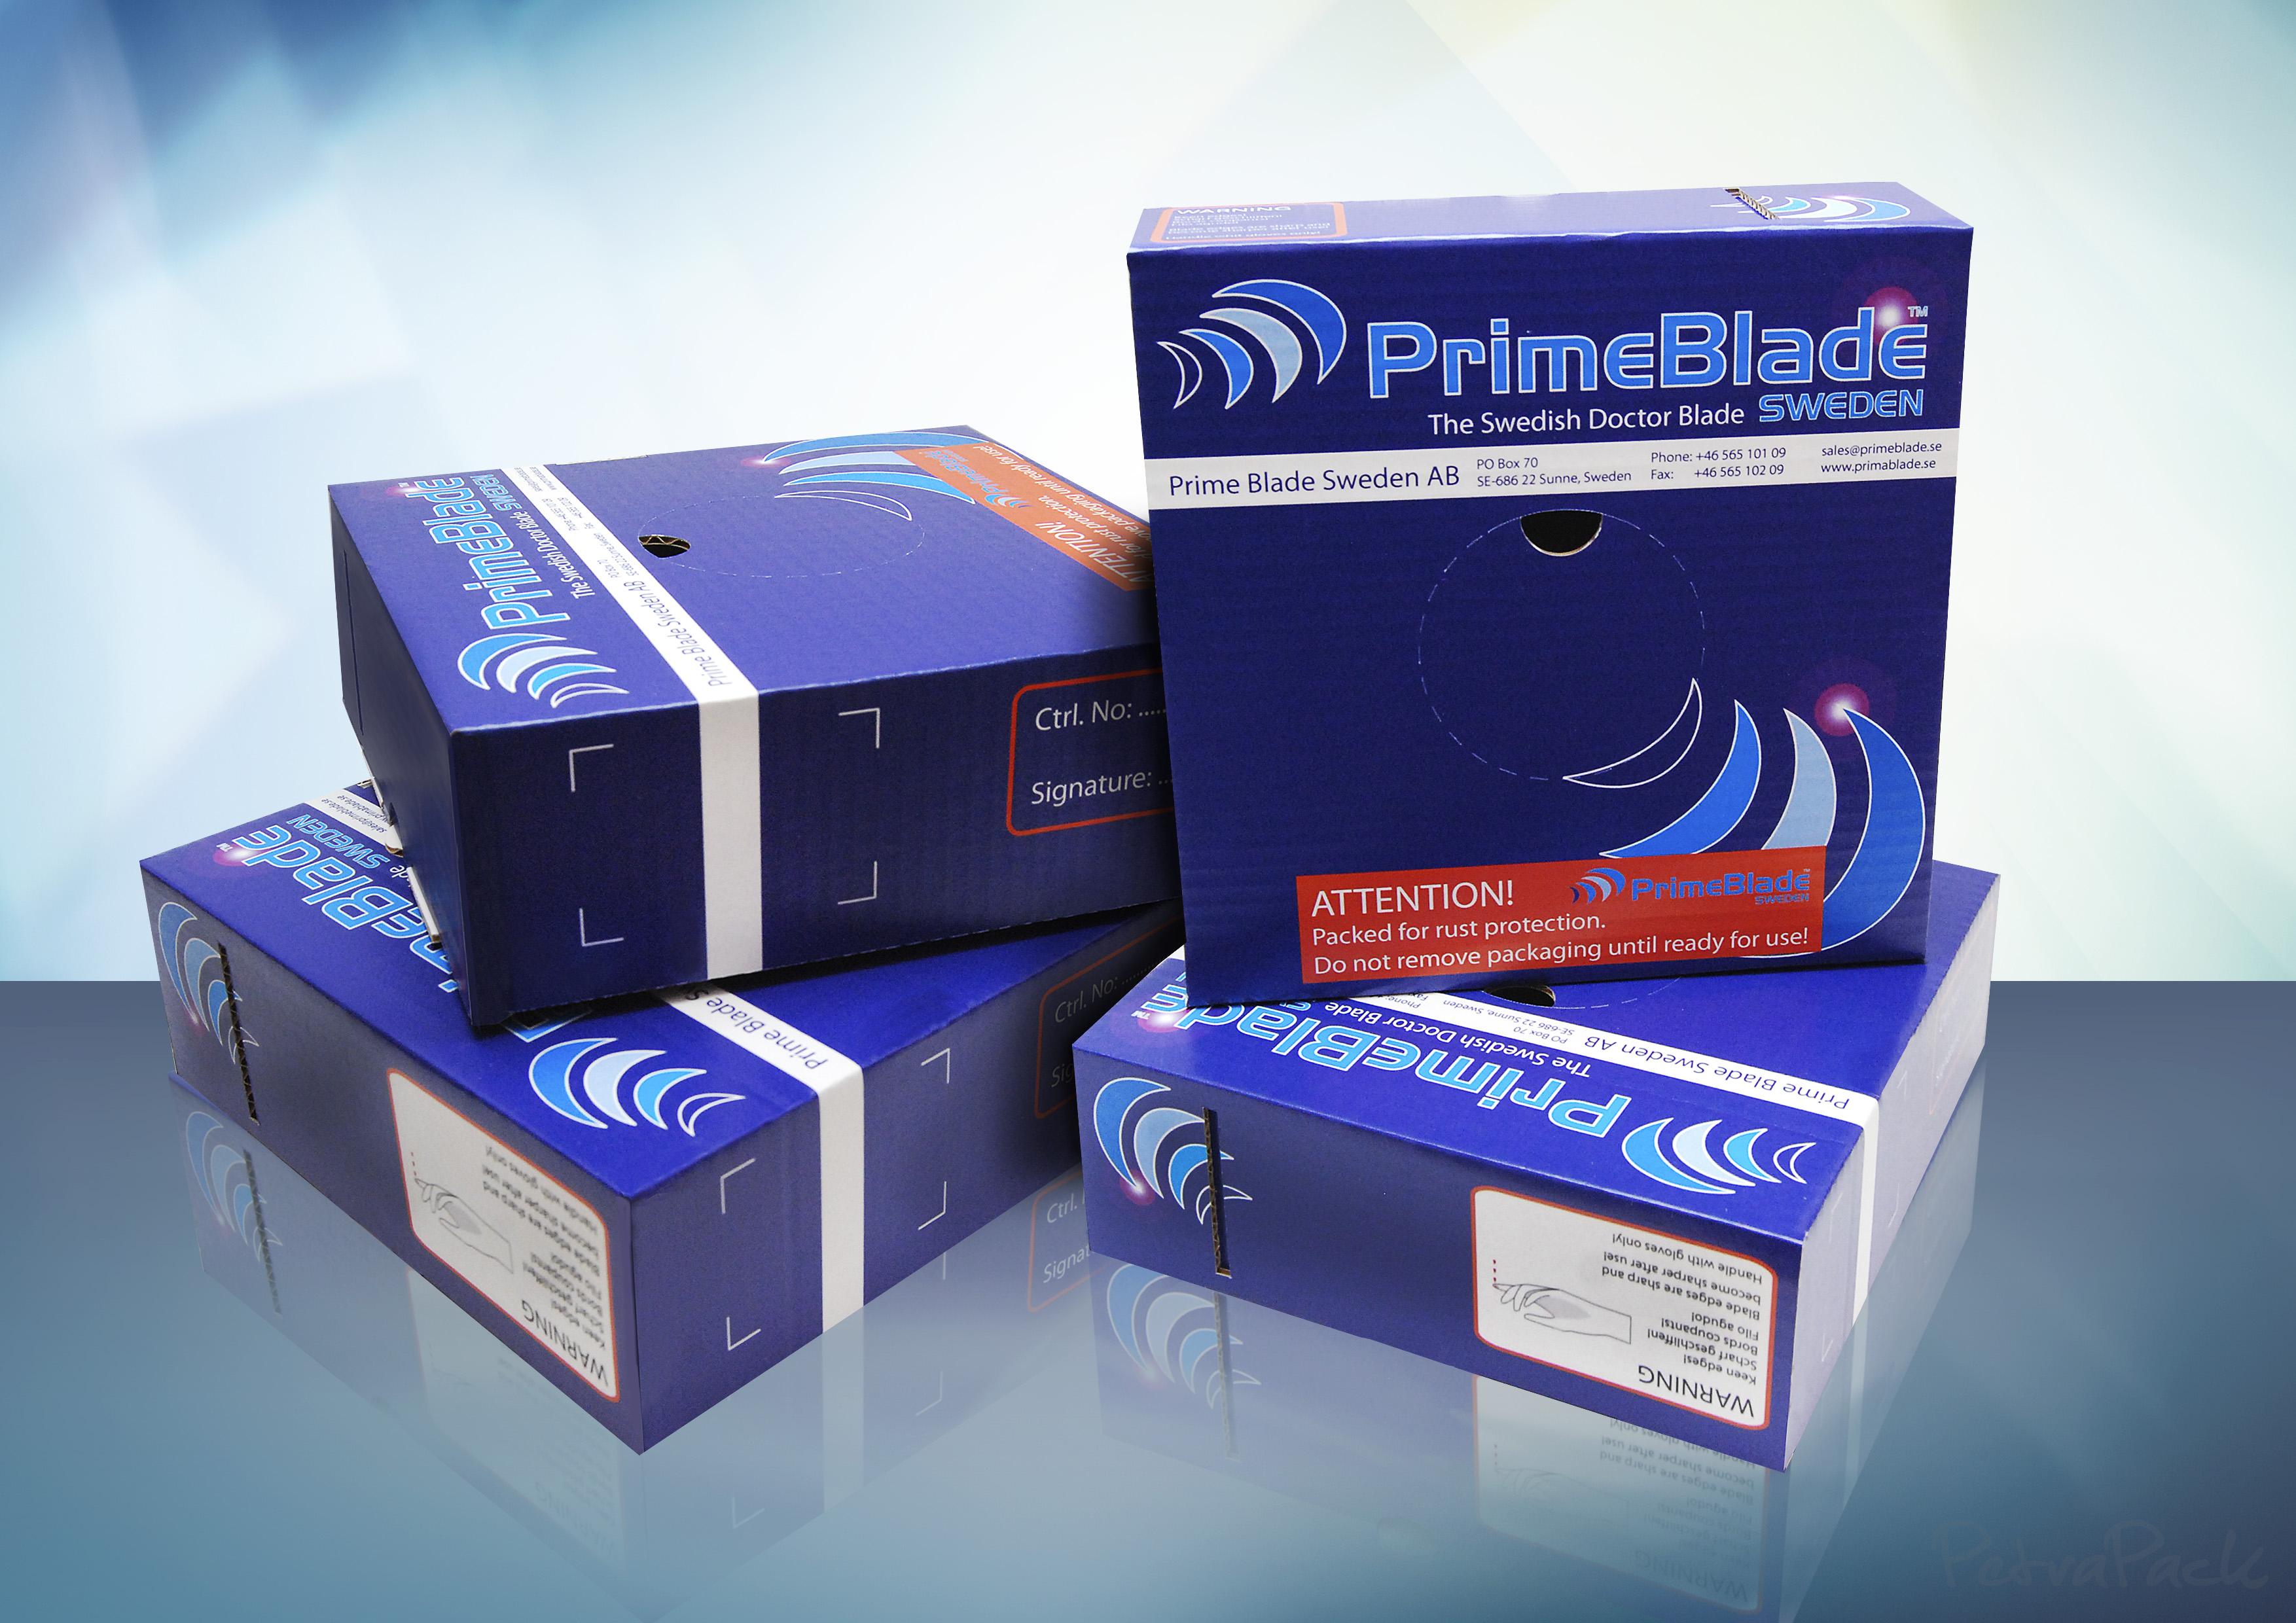 PrimeBlade 2010 campaign